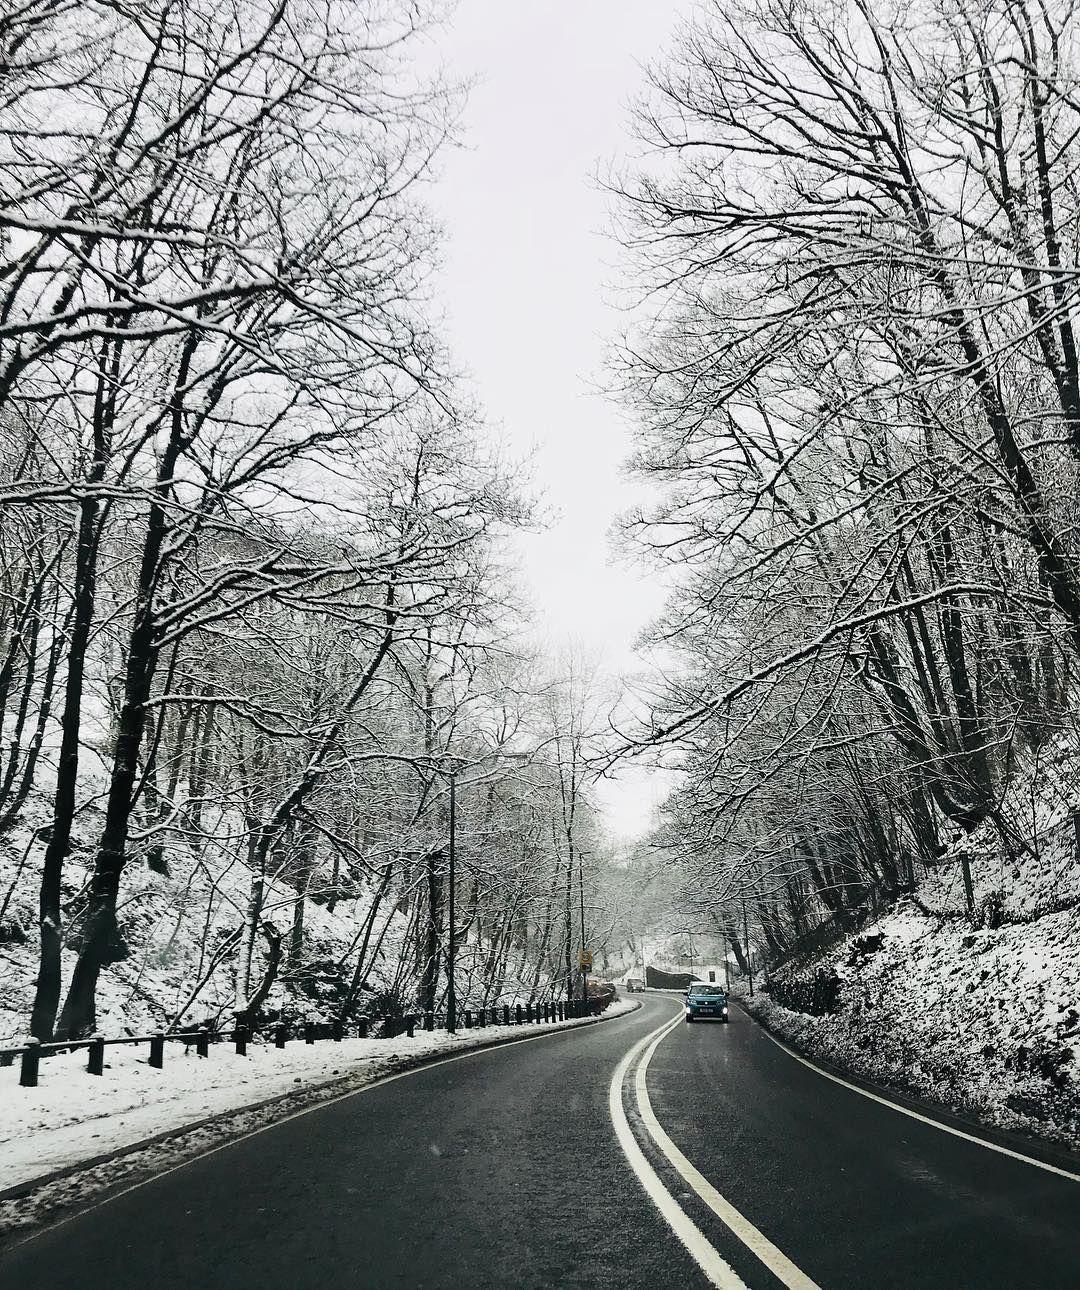 Snowy Derbyshire Derbyshire, Peak District, England